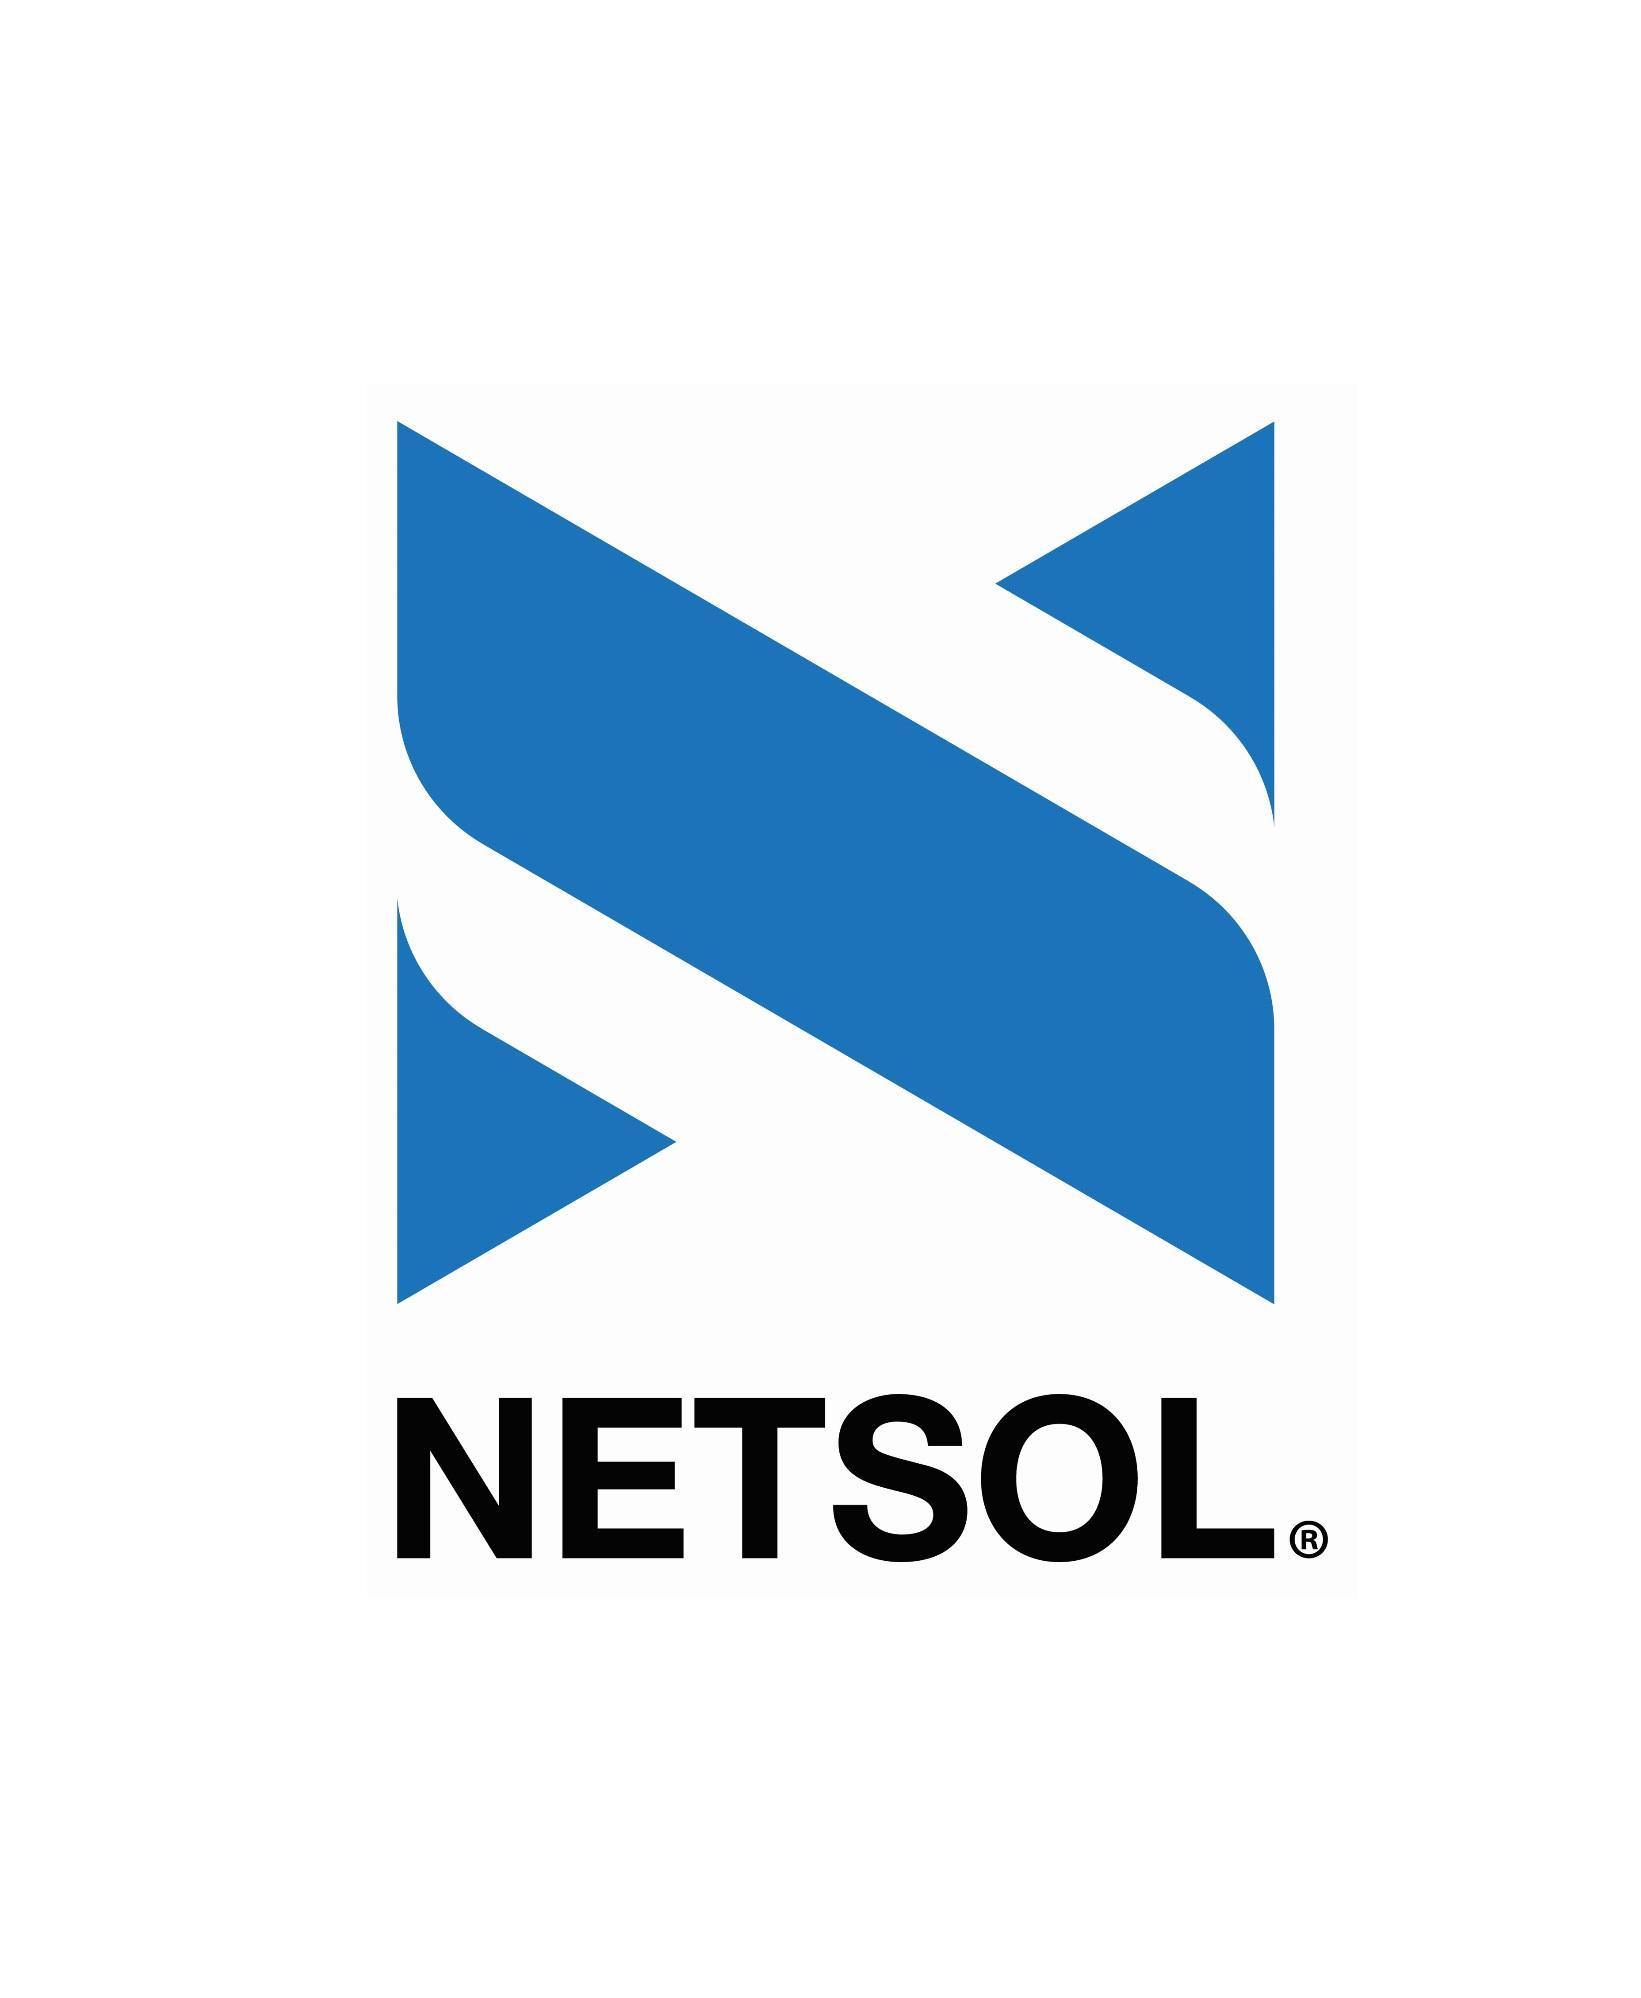 NETSOL.jpg